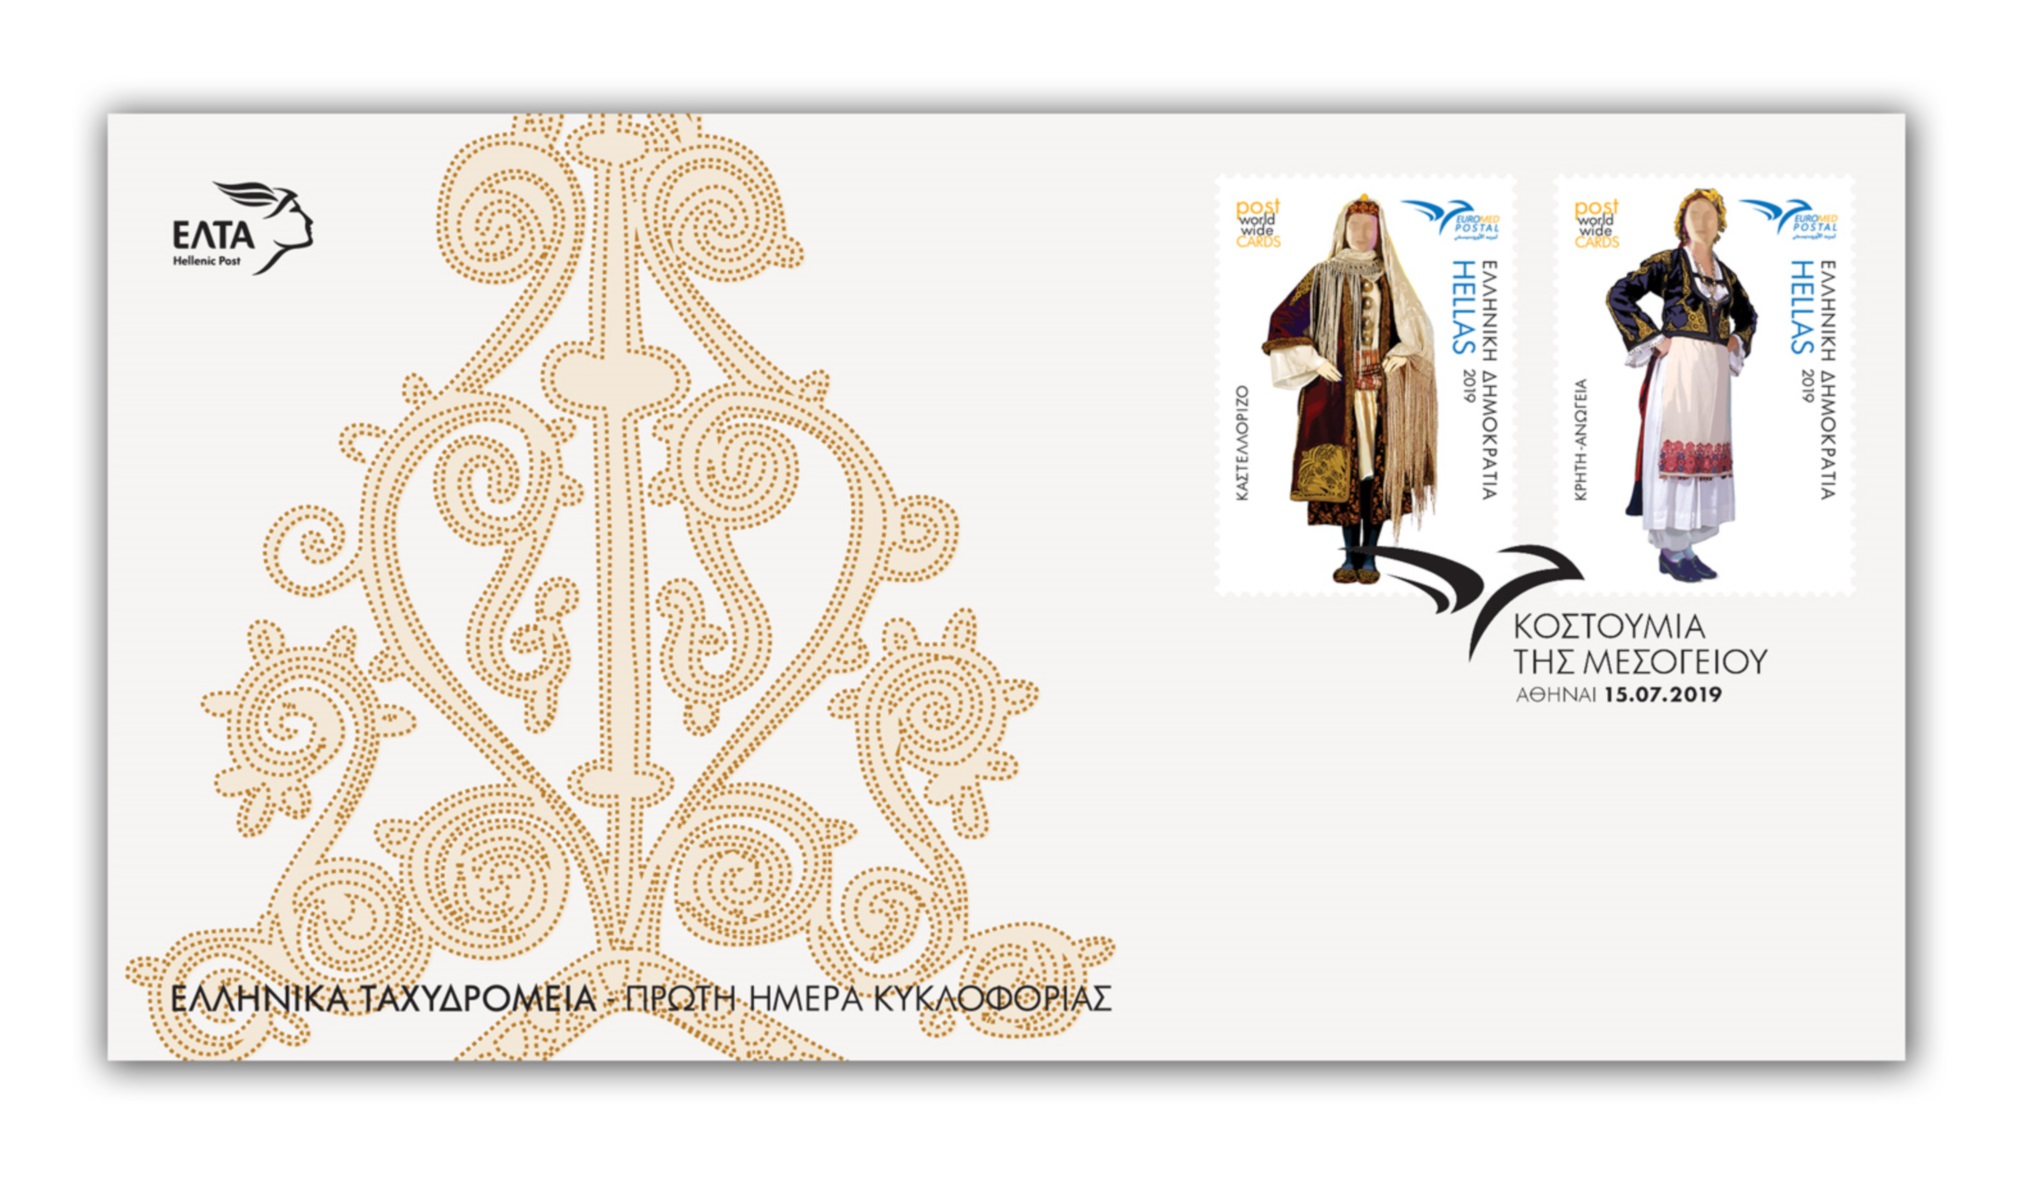 """""""Τα κοστούμια της Μεσογείου"""": Γραμματόσημα απεικονίζουν φορεσιές από Ξάνθη, Ανώγεια, Καστελλόριζο και Λευκάδα"""